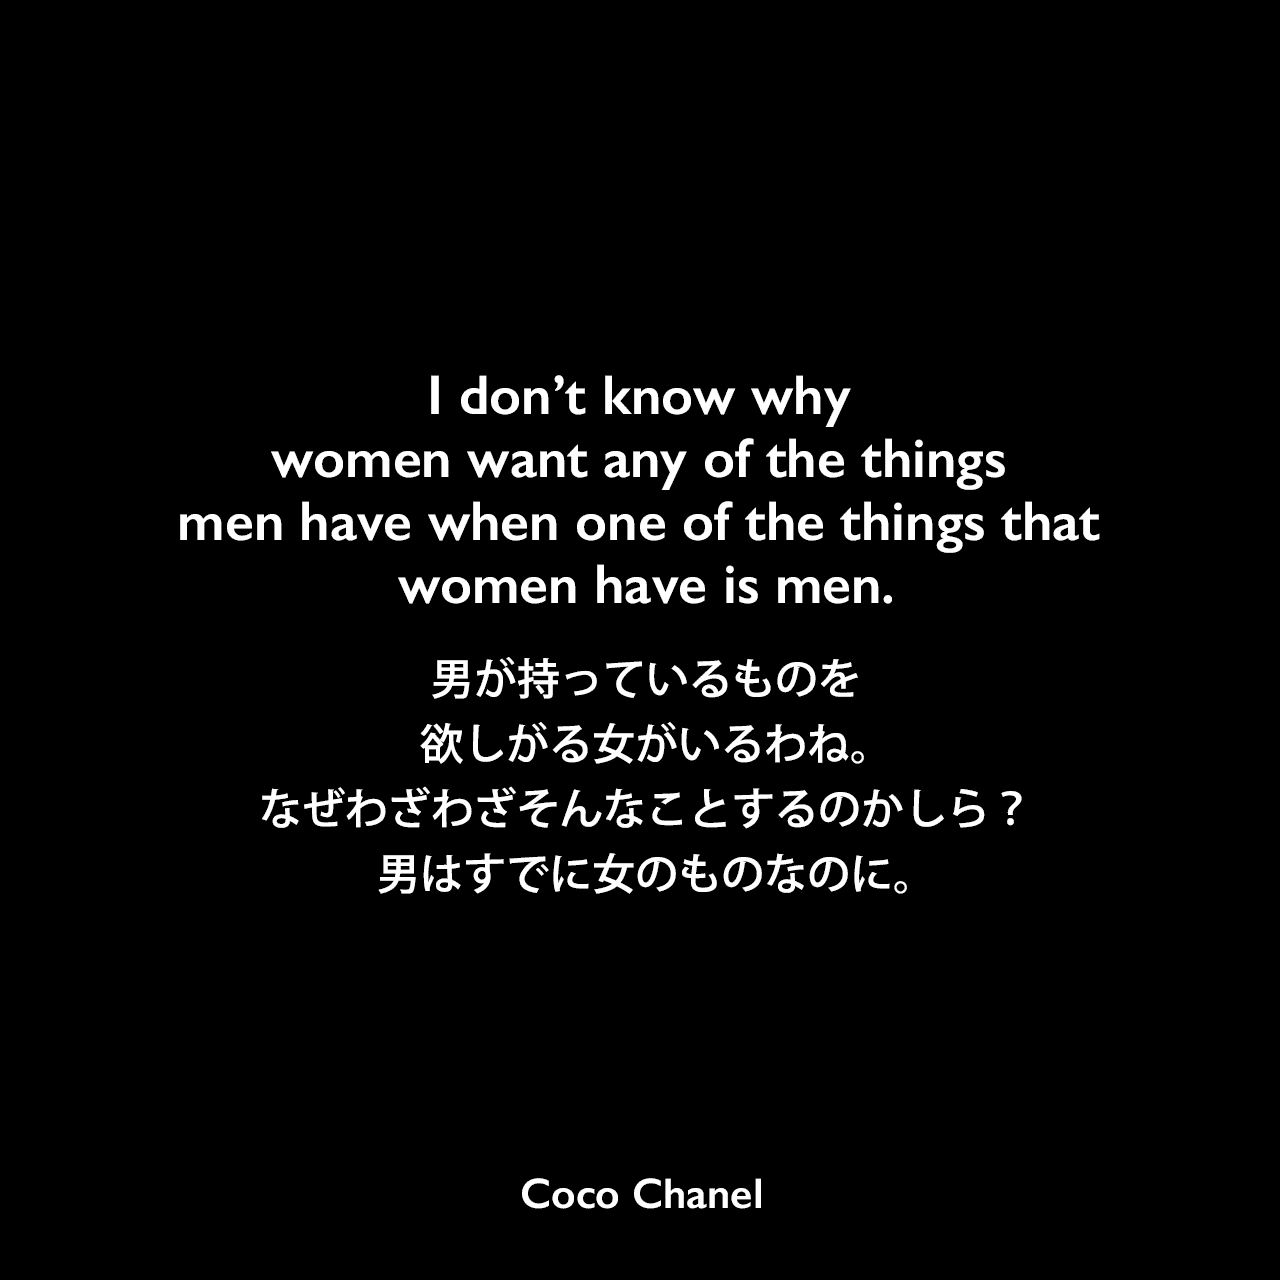 I don't know why women want any of the things men have when one of the things that women have is men.男が持っているものを欲しがる女がいるわね。なぜわざわざそんなことするのかしら?男はすでに女のものなのに。Coco Chanel